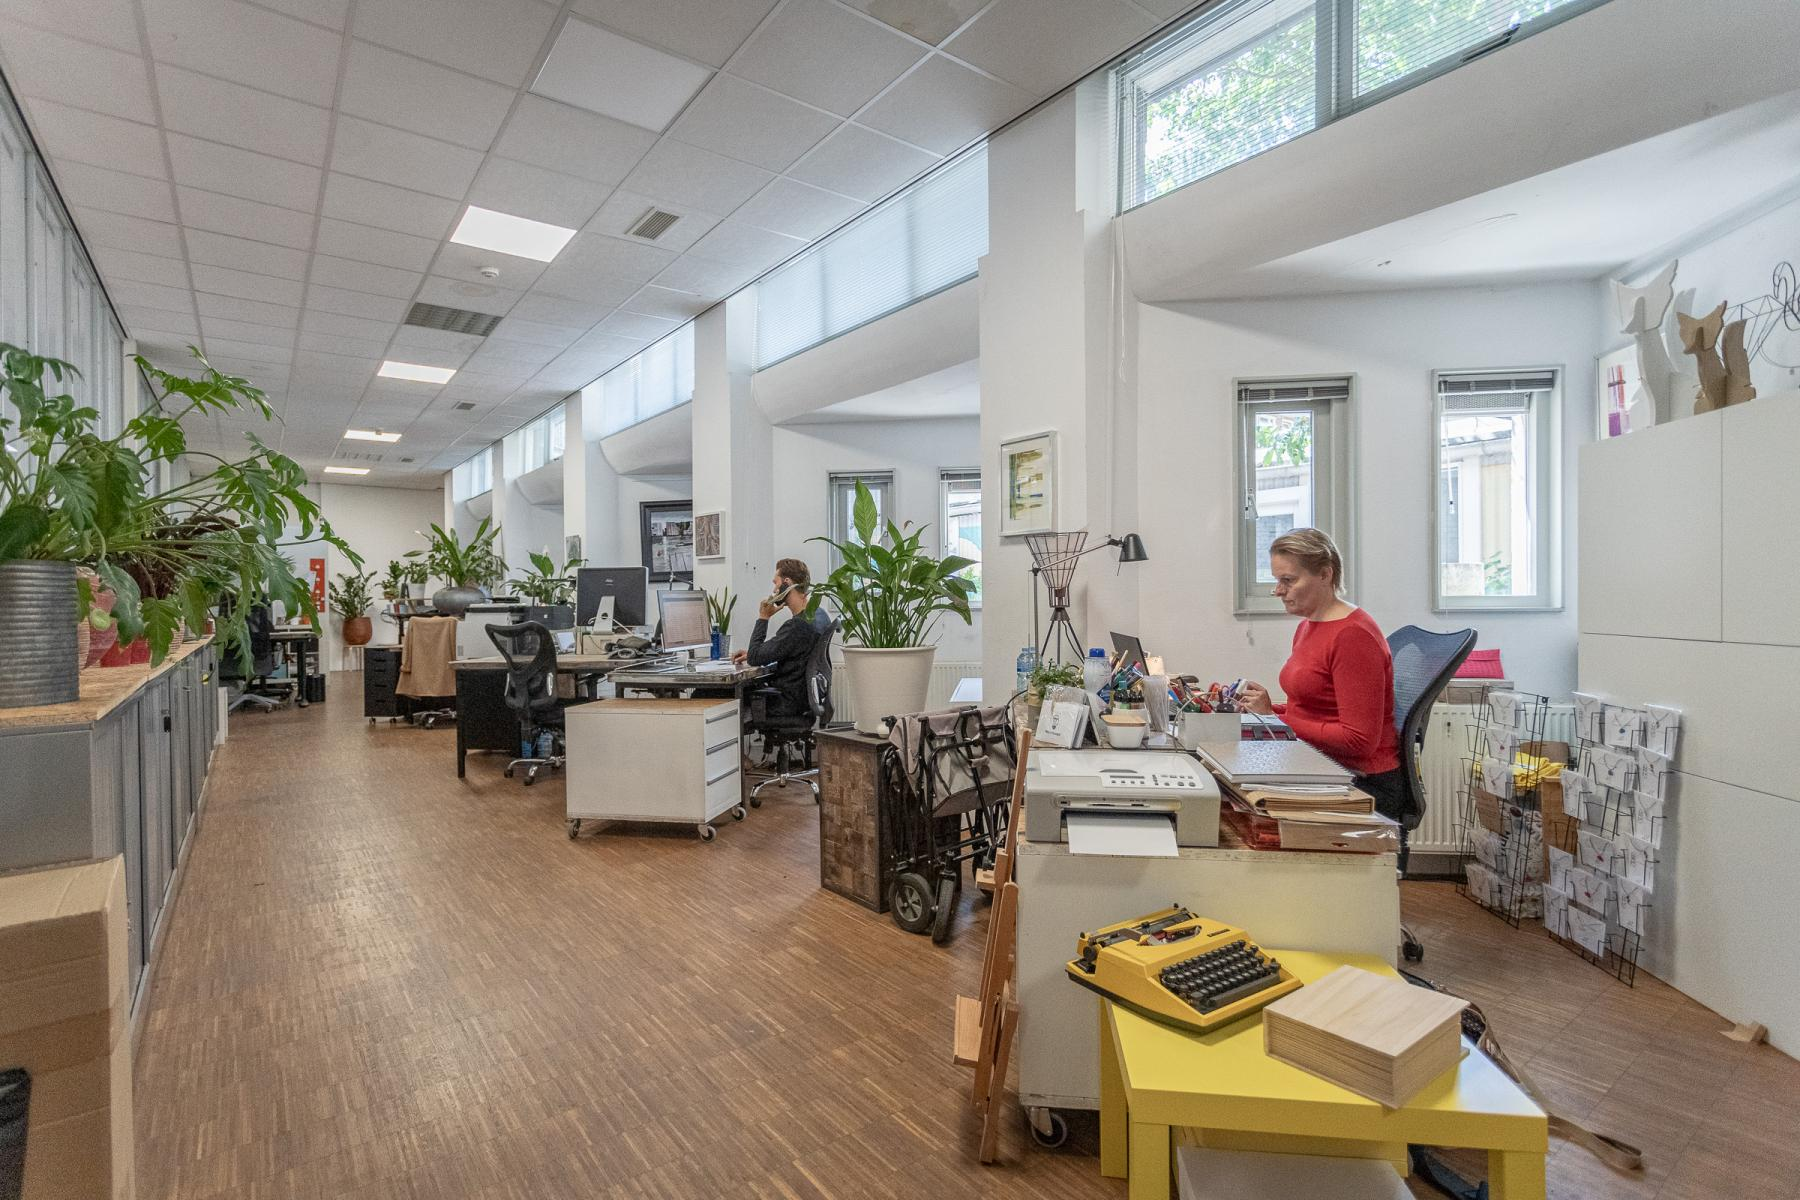 Rent office space Oudeschans 21, Amsterdam (28)